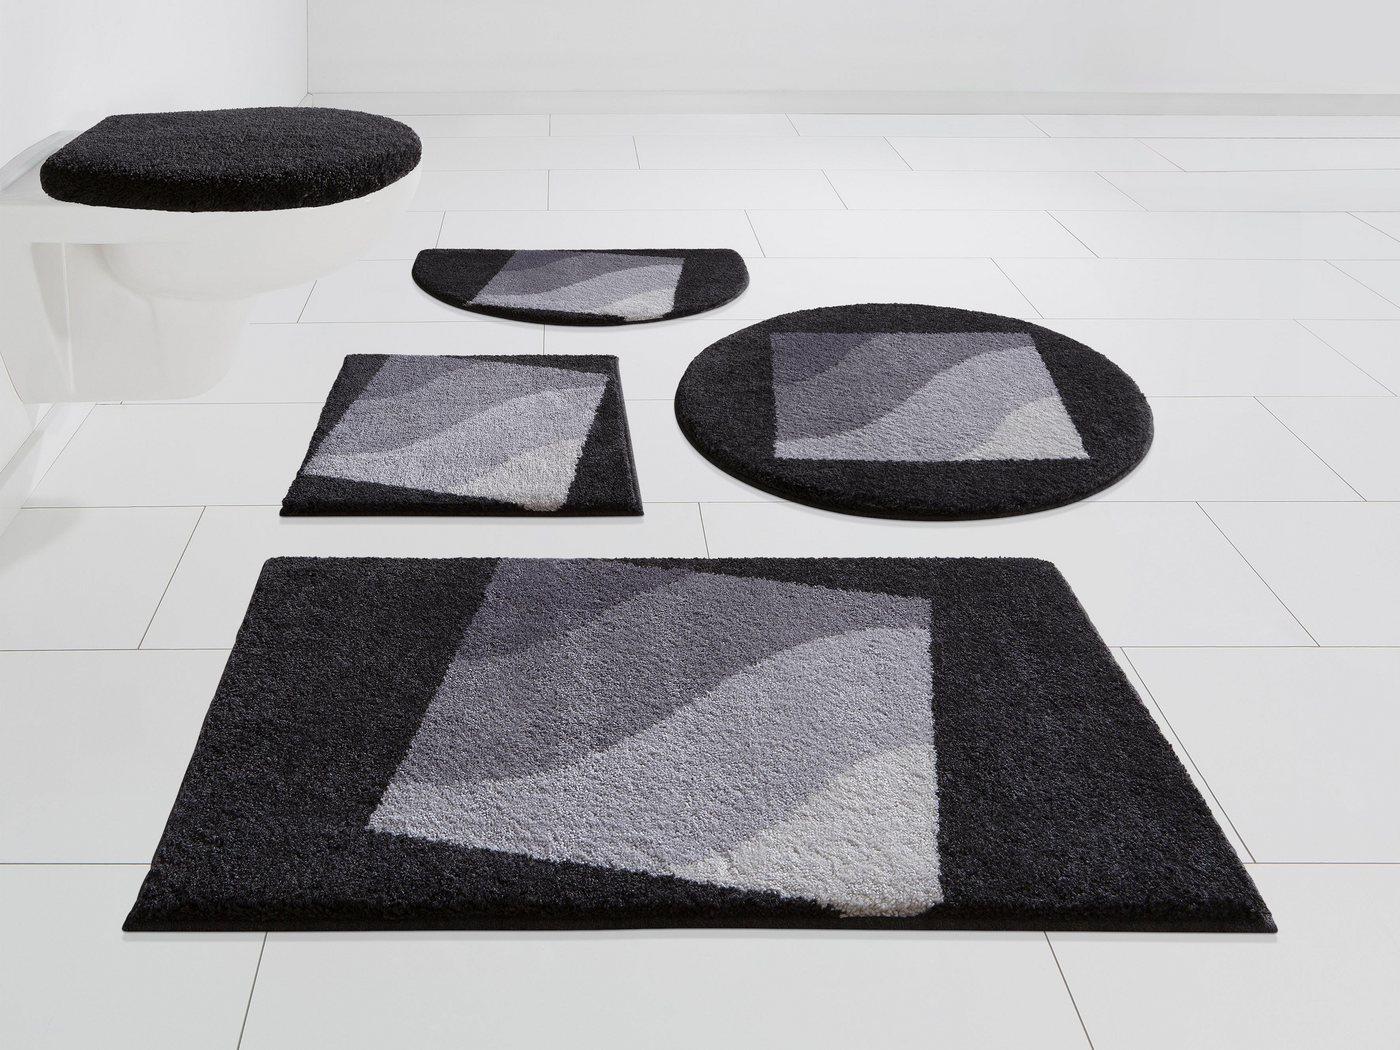 badematten stand wc machen sie den preisvergleich bei nextag. Black Bedroom Furniture Sets. Home Design Ideas